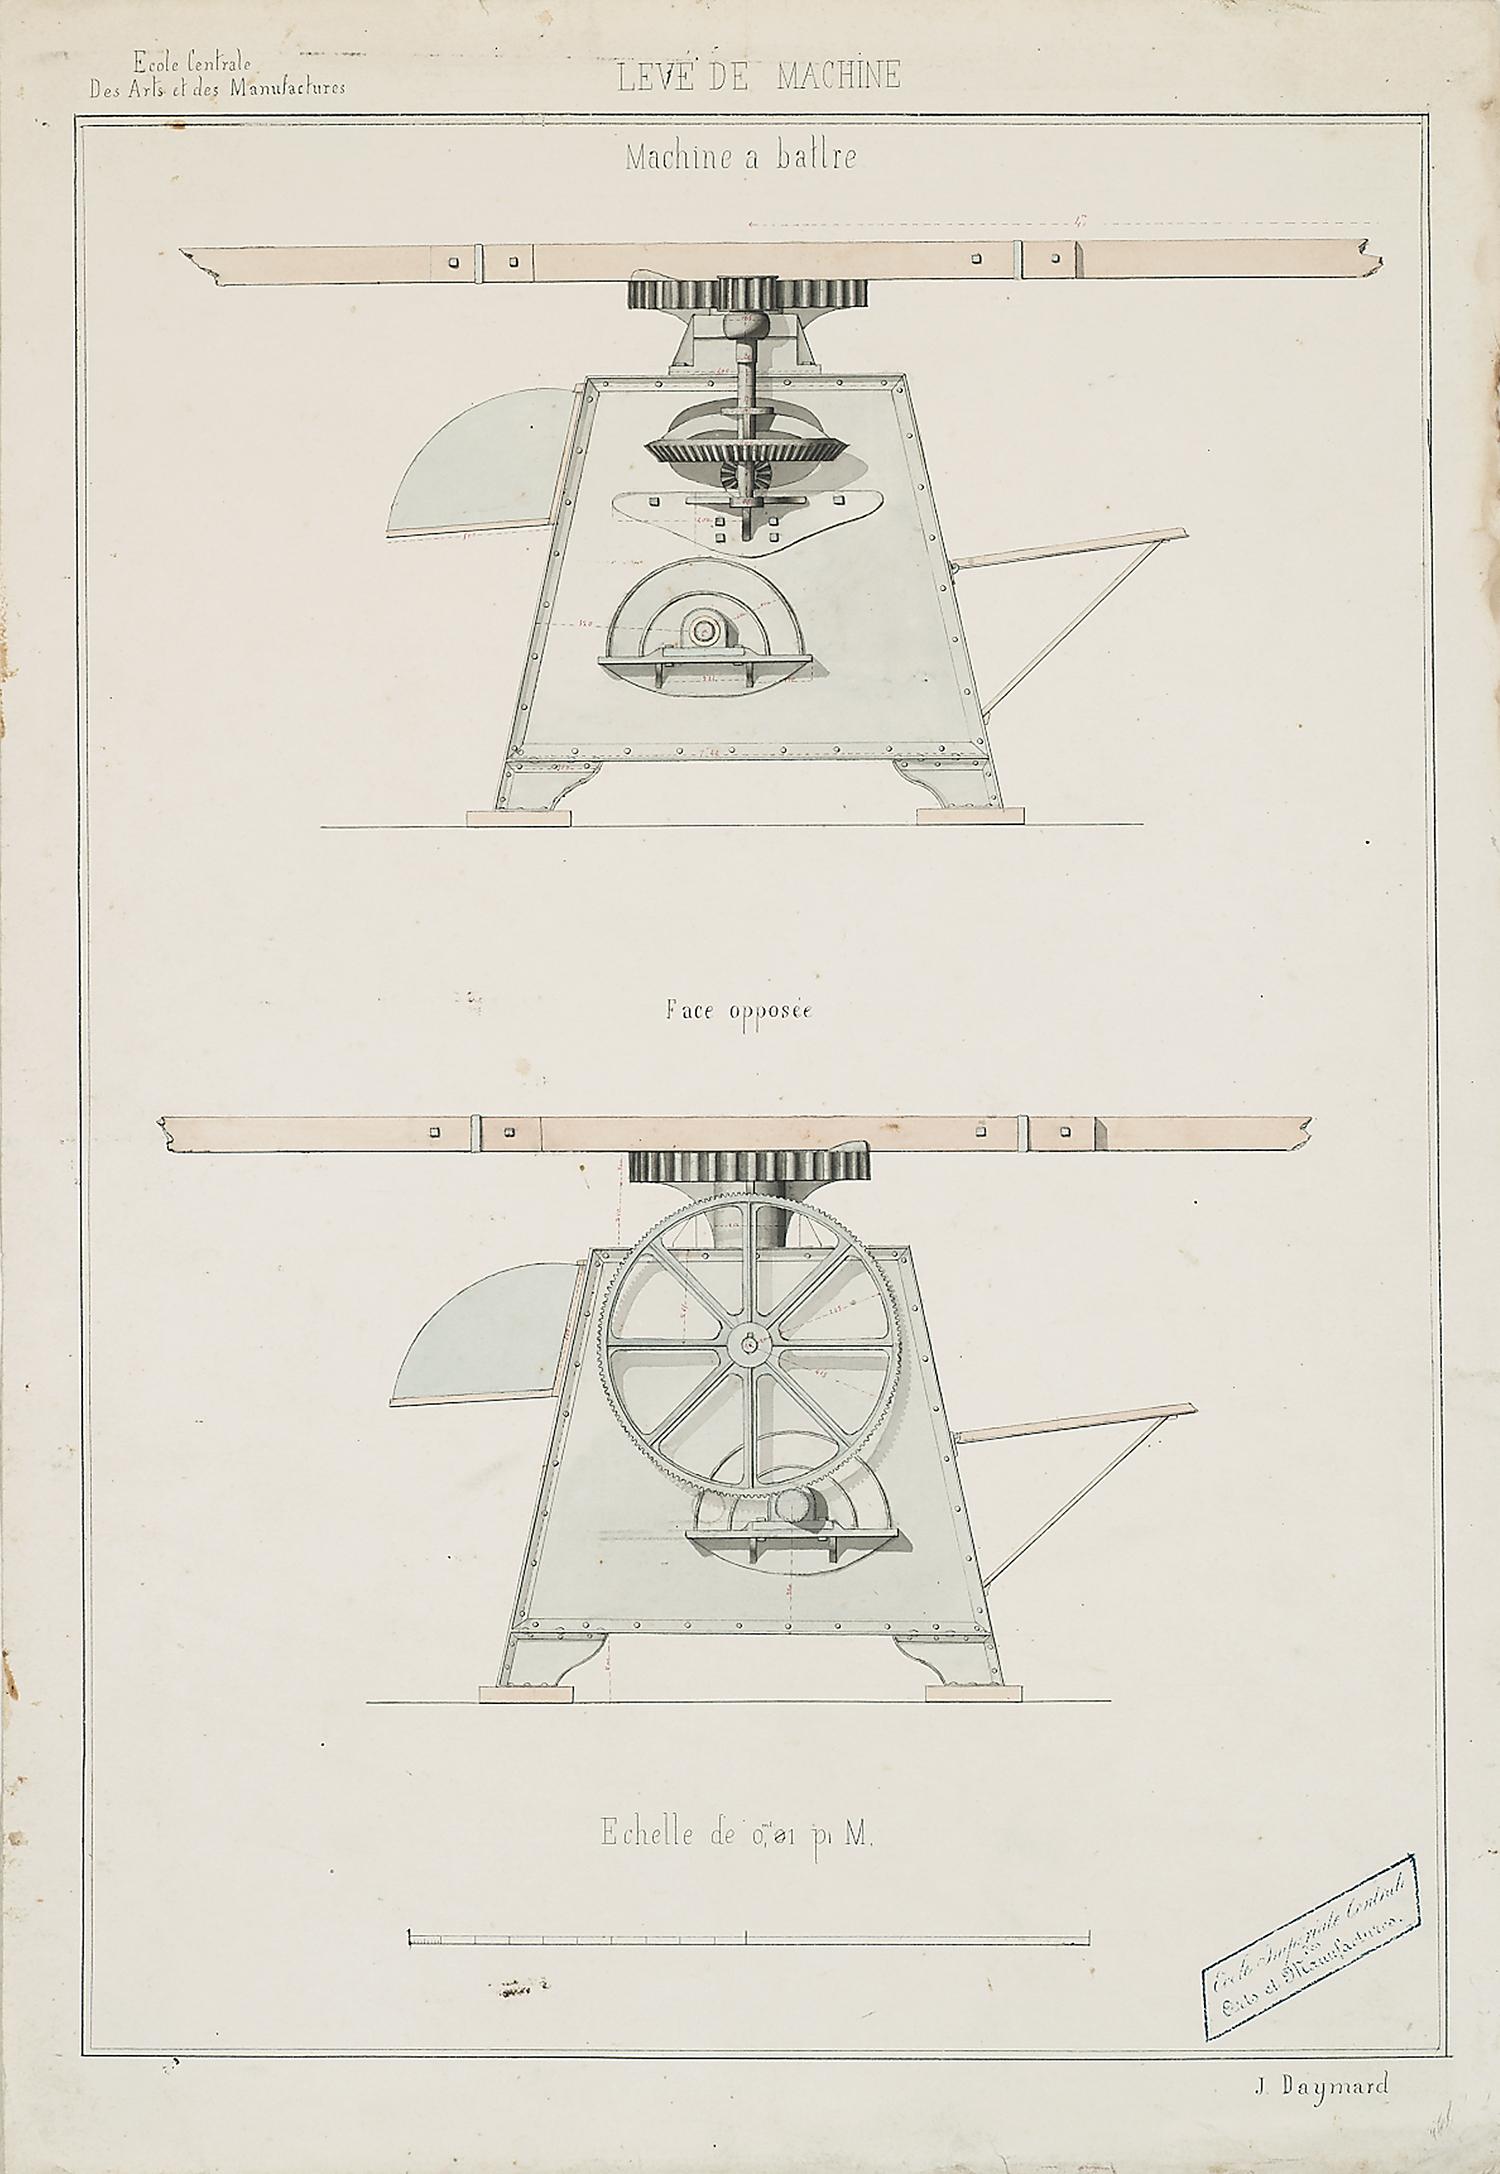 """J.Daymard,Ecole Centrale des Arts et des Manufactures, Leve de Machine: Machine a battre, ink and watercolor on paper,25 x 17 3/8"""""""